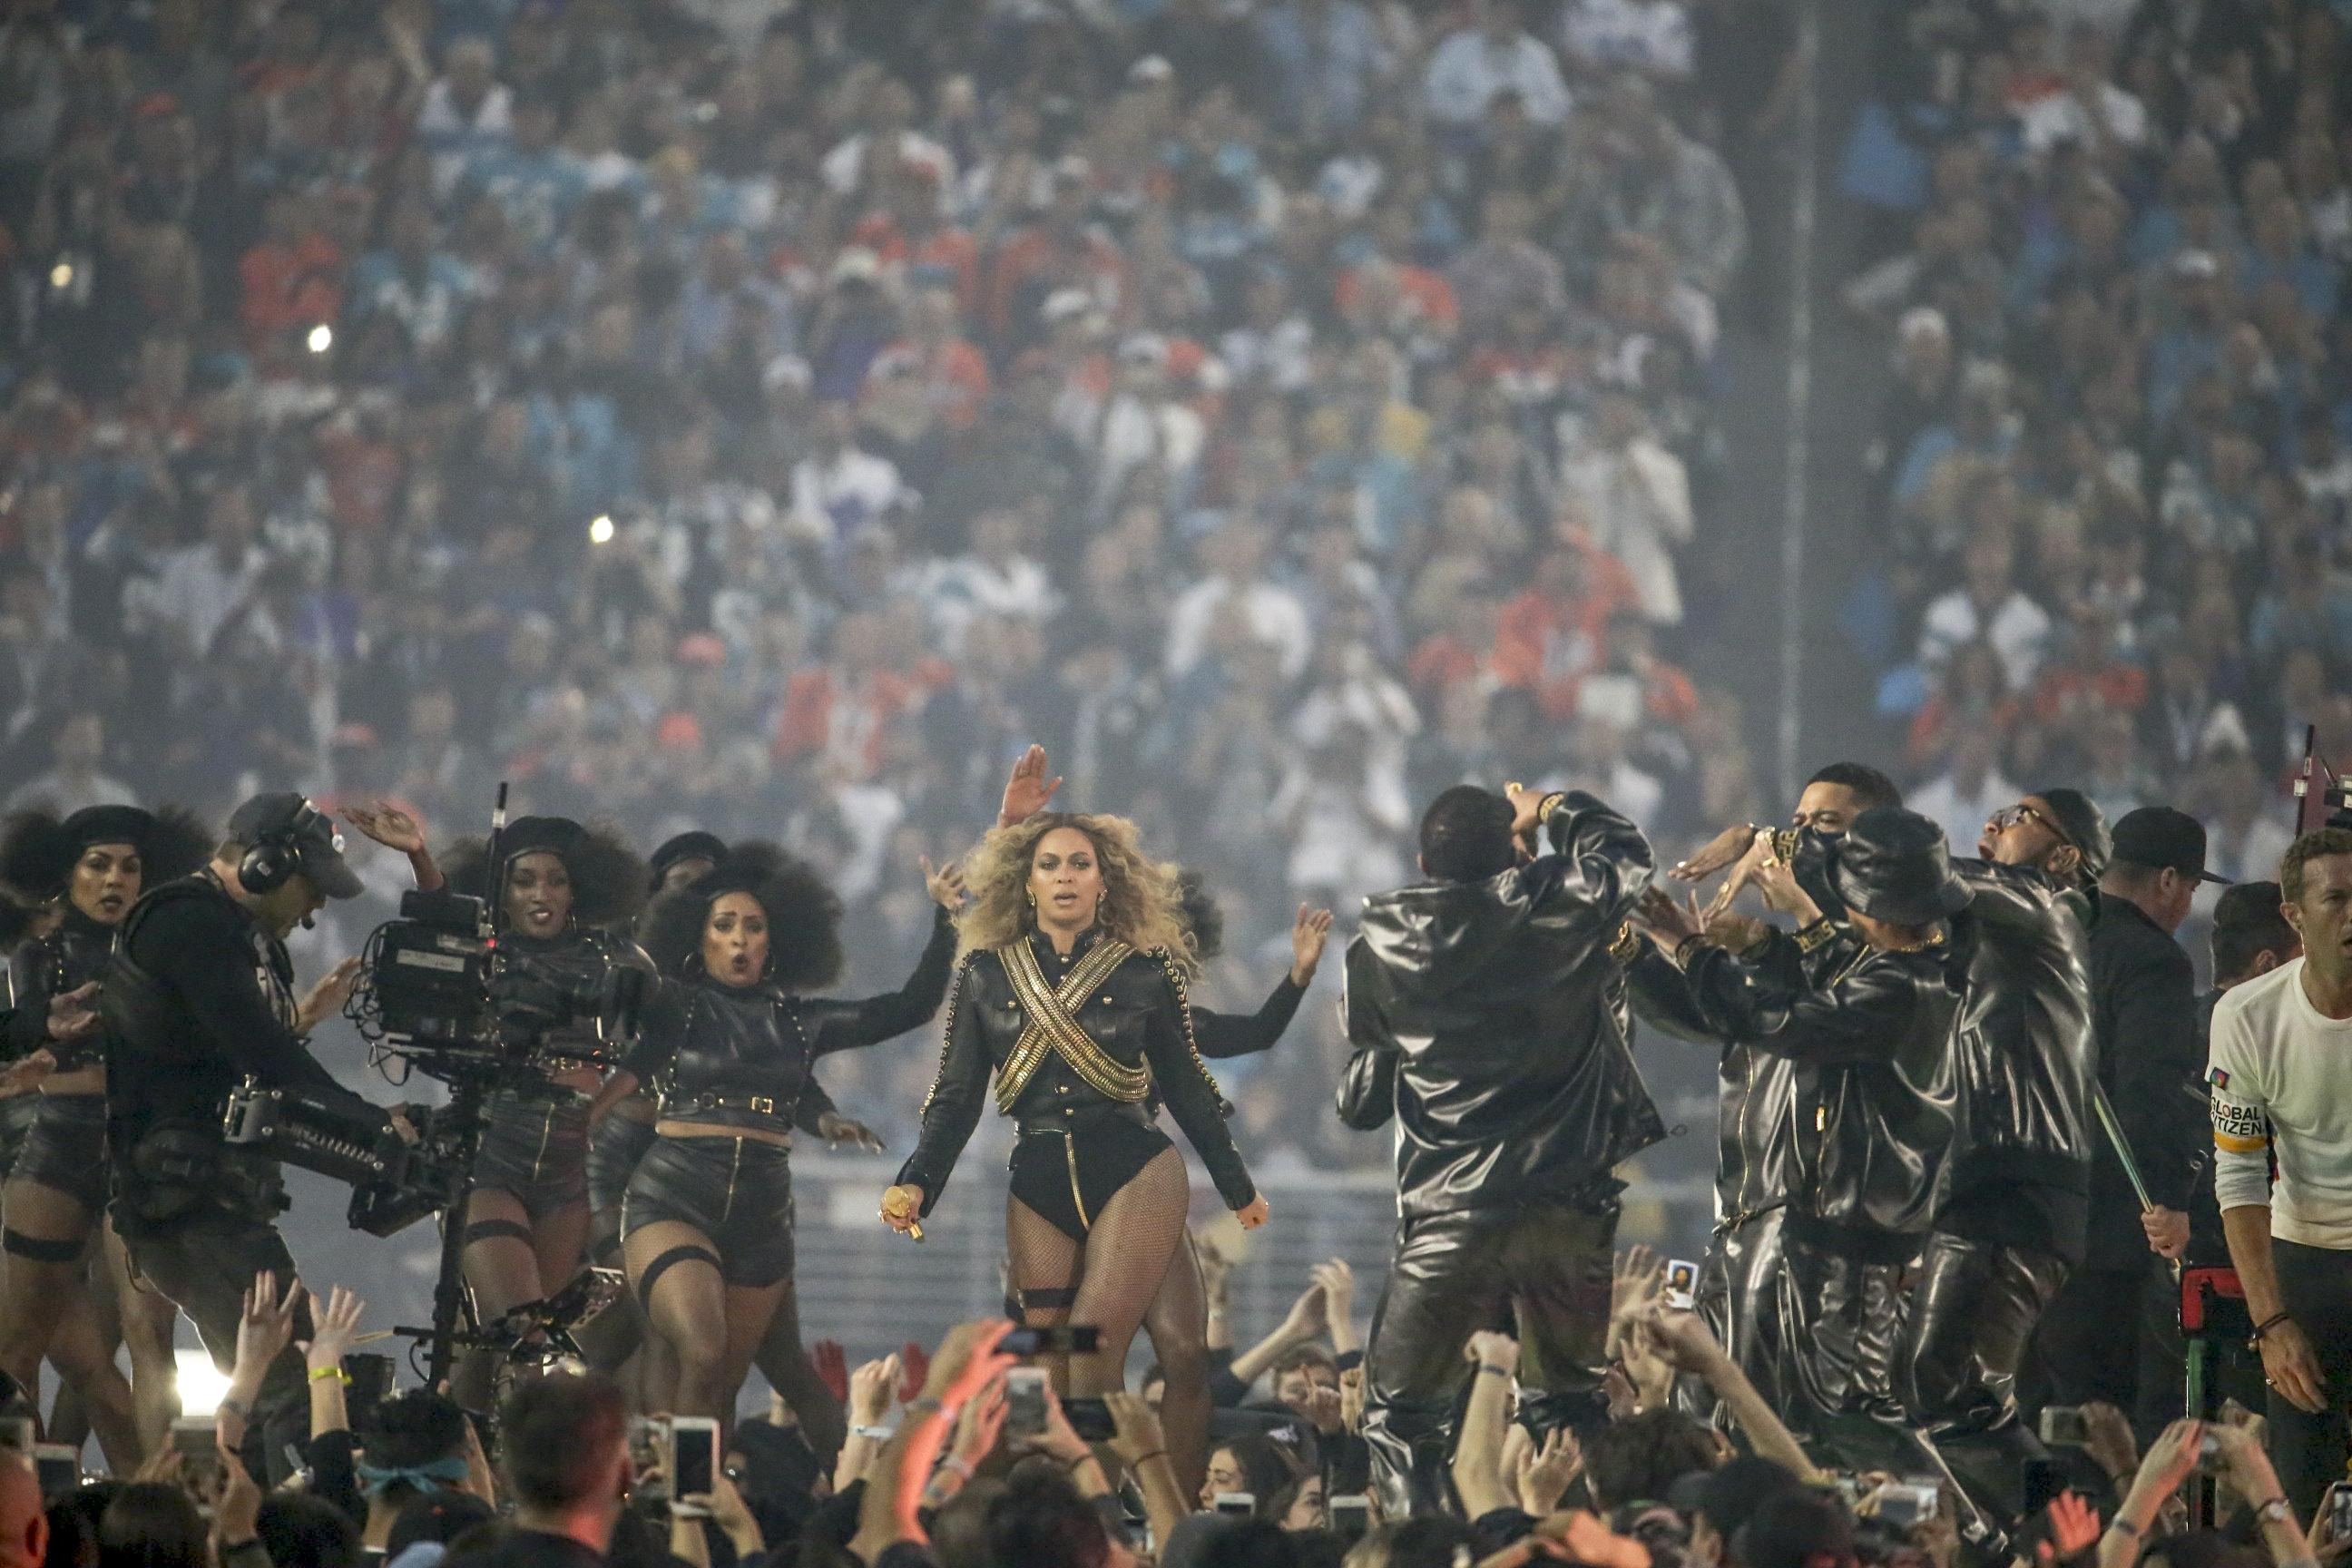 020716-Beyonce-halftime